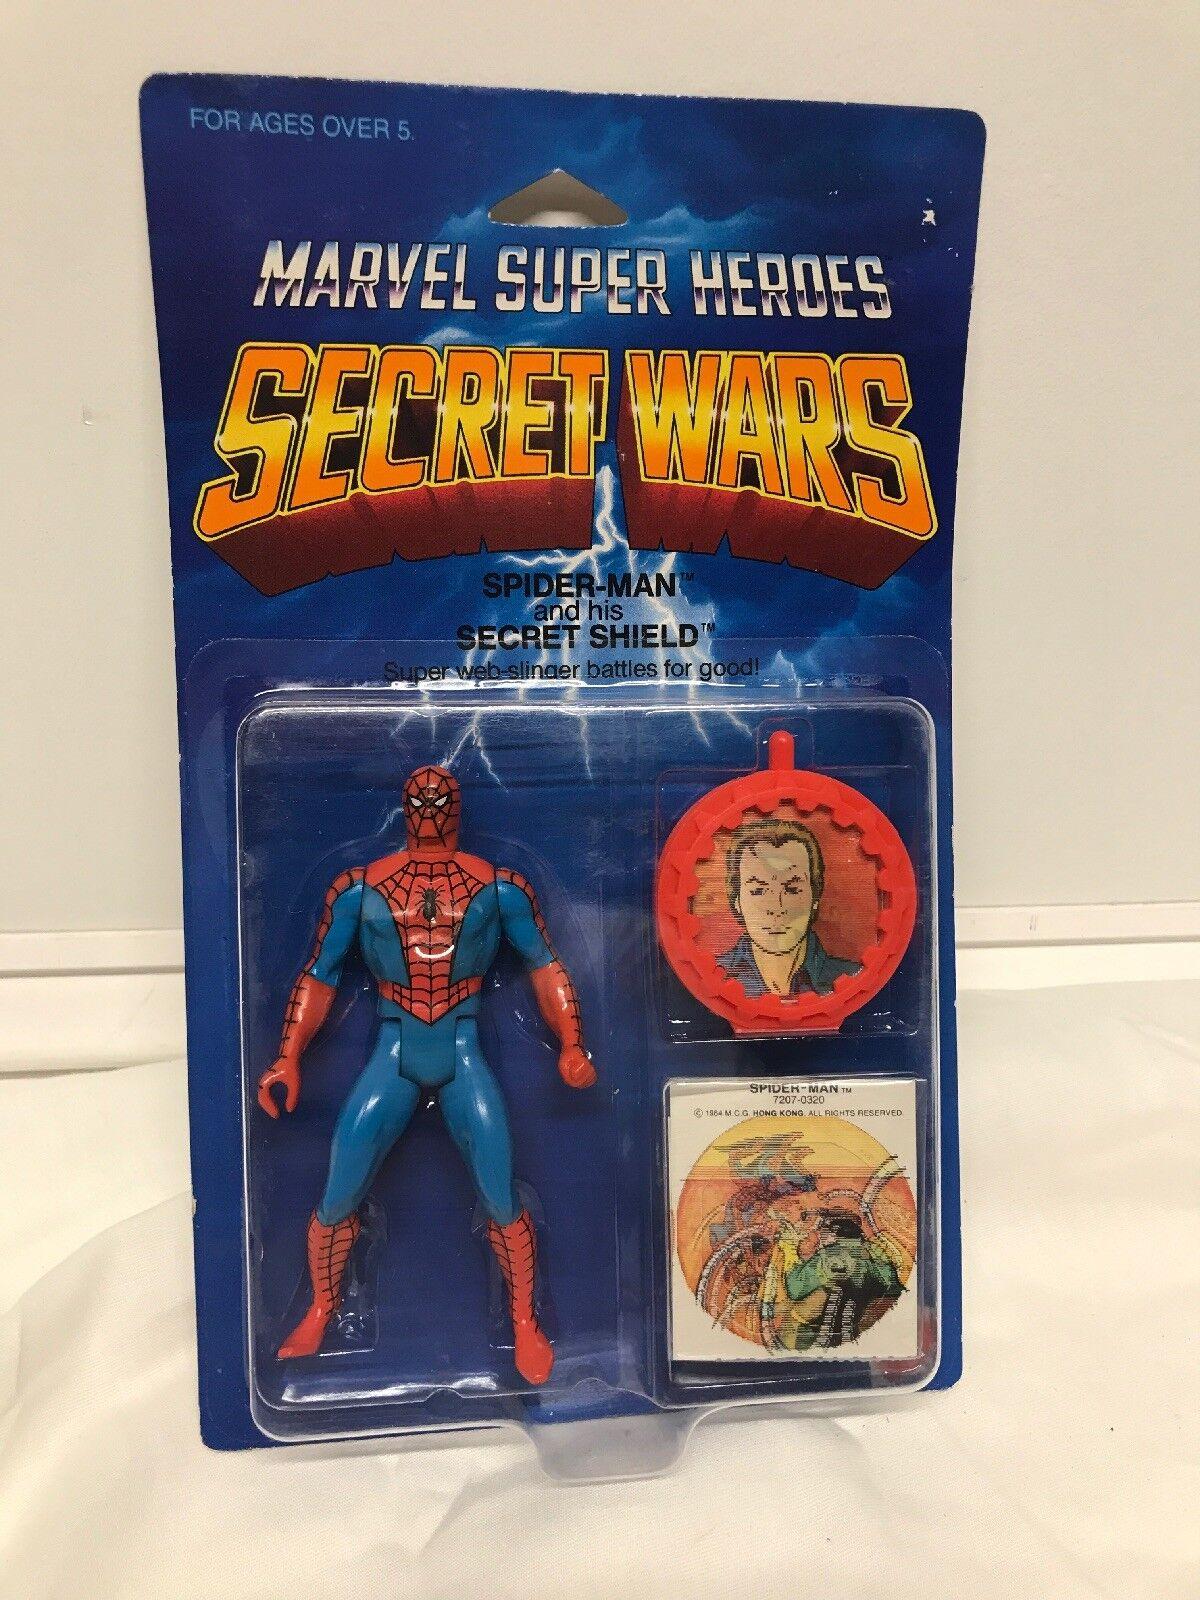 Mattel marvel geheime kriege rot spider - man - actionfigur 1984 deutlich blase